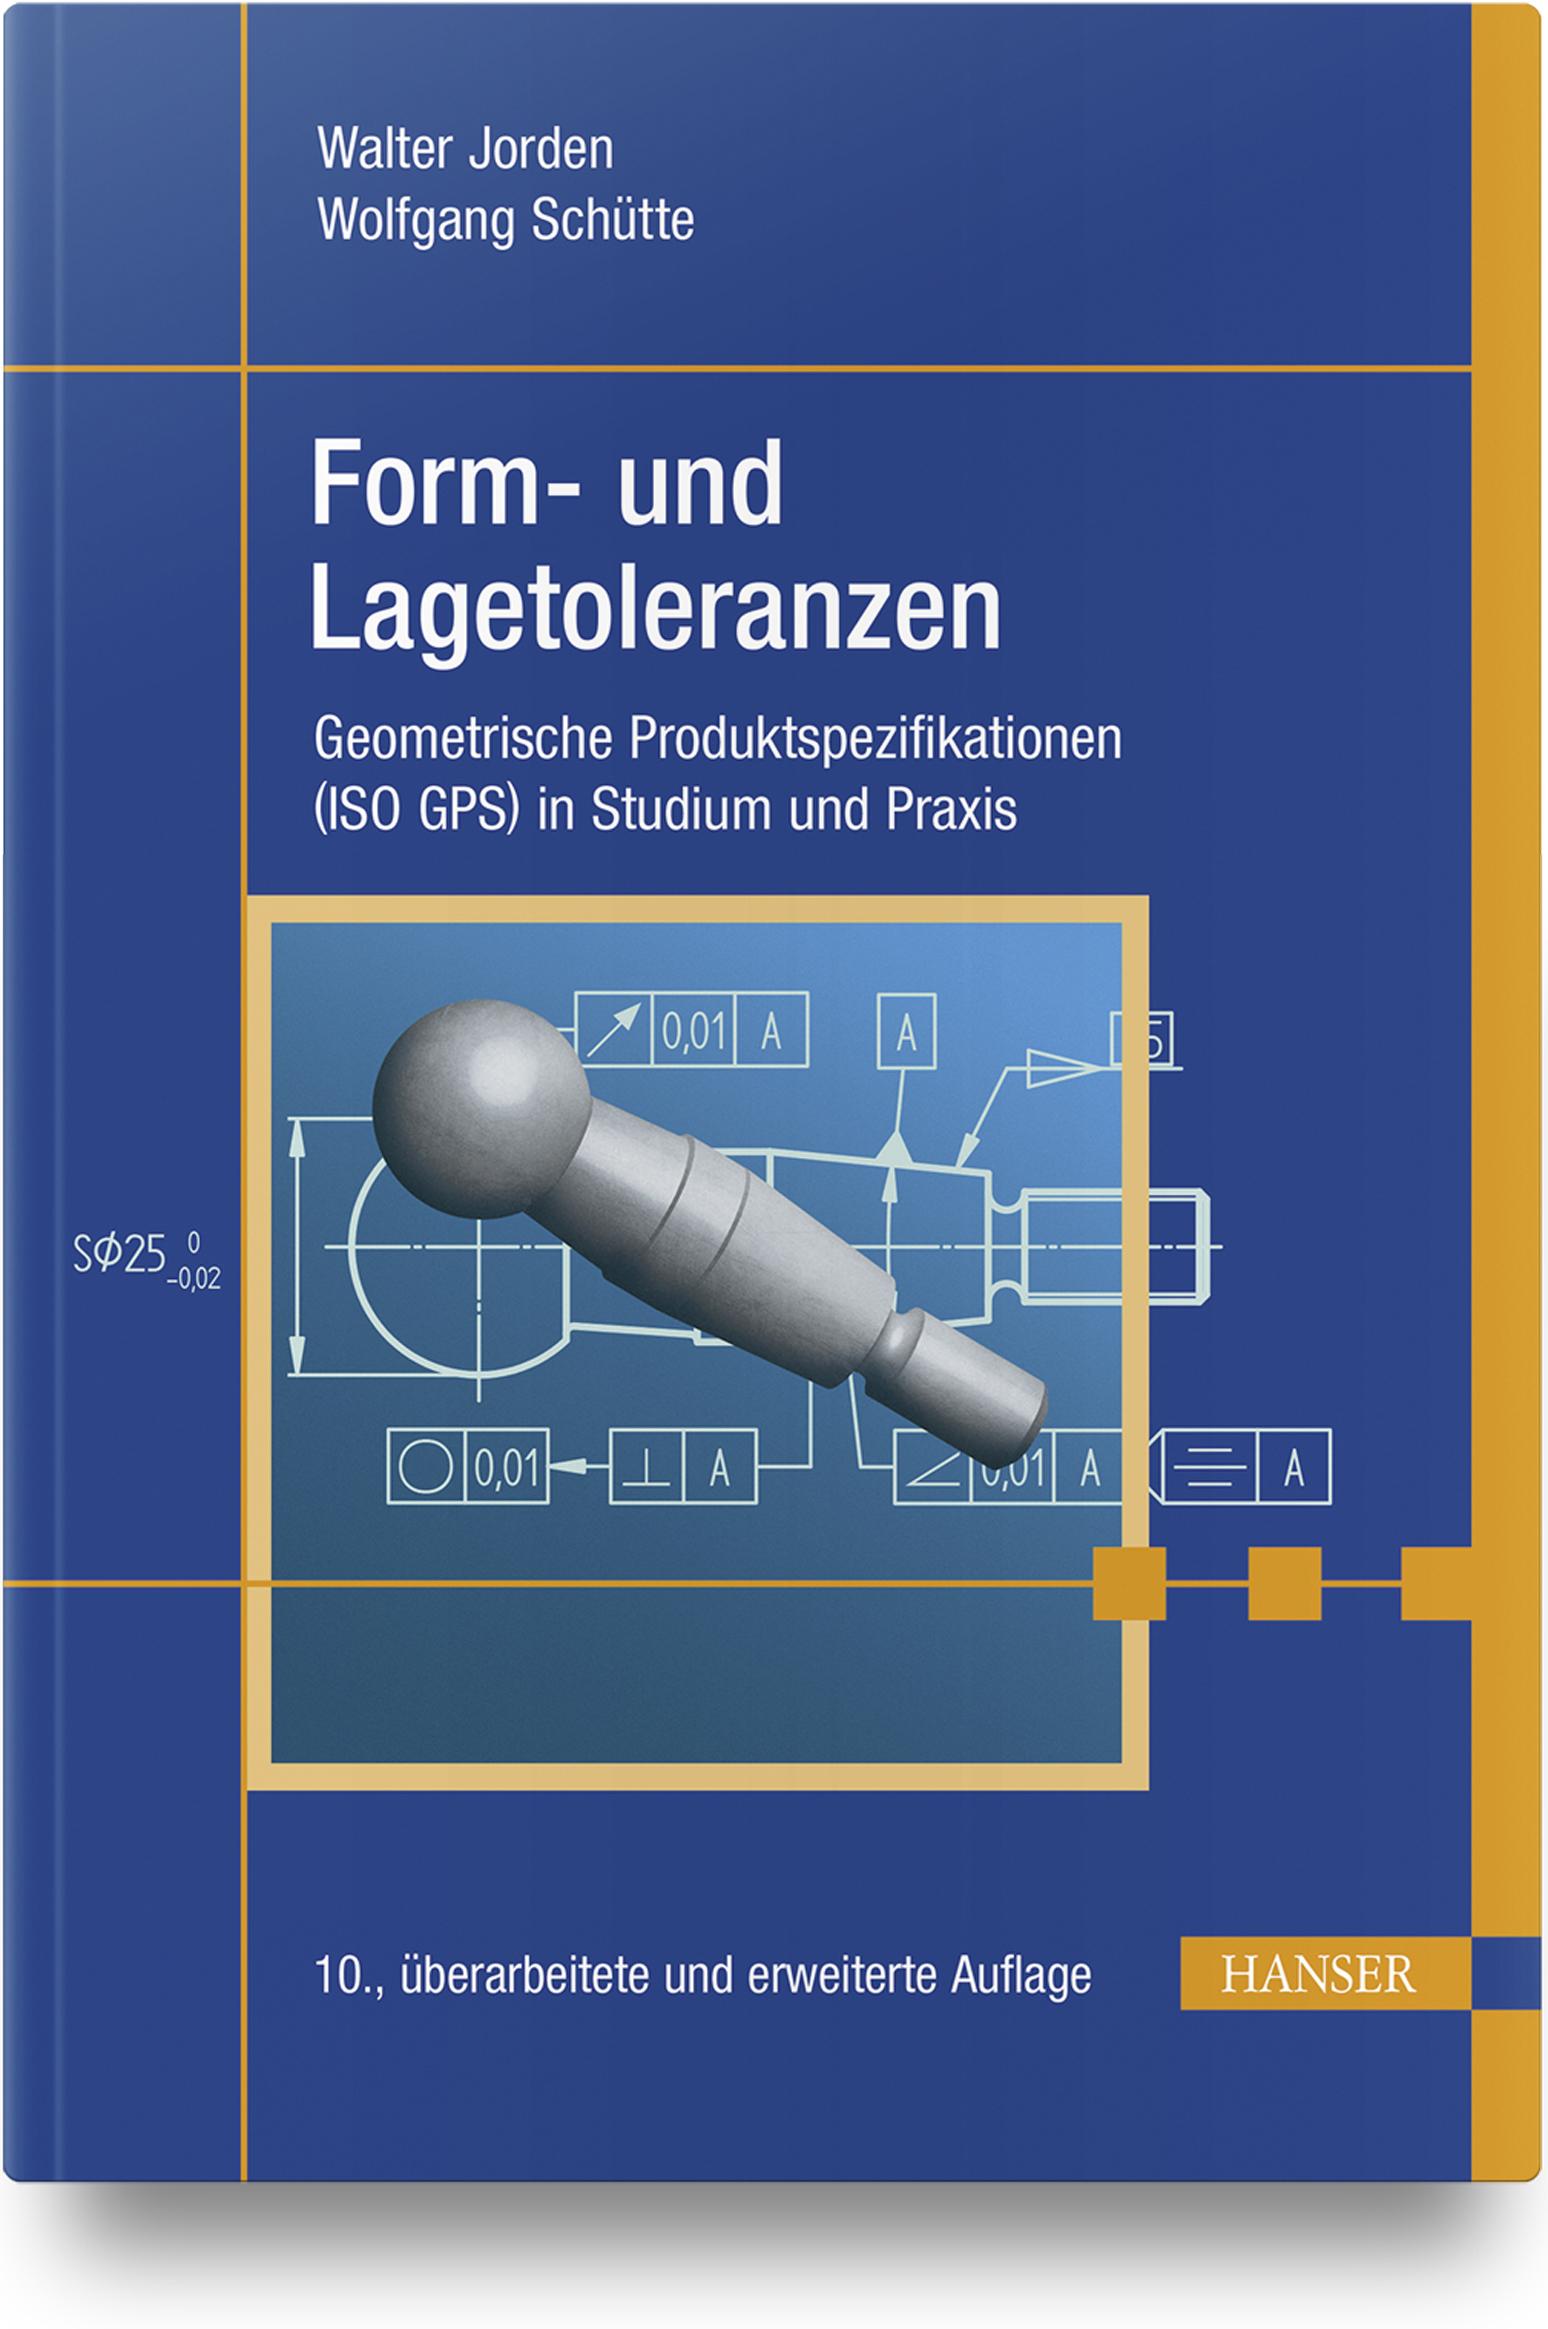 Jorden, Schütte, Form- und Lagetoleranzen, 978-3-446-45847-5